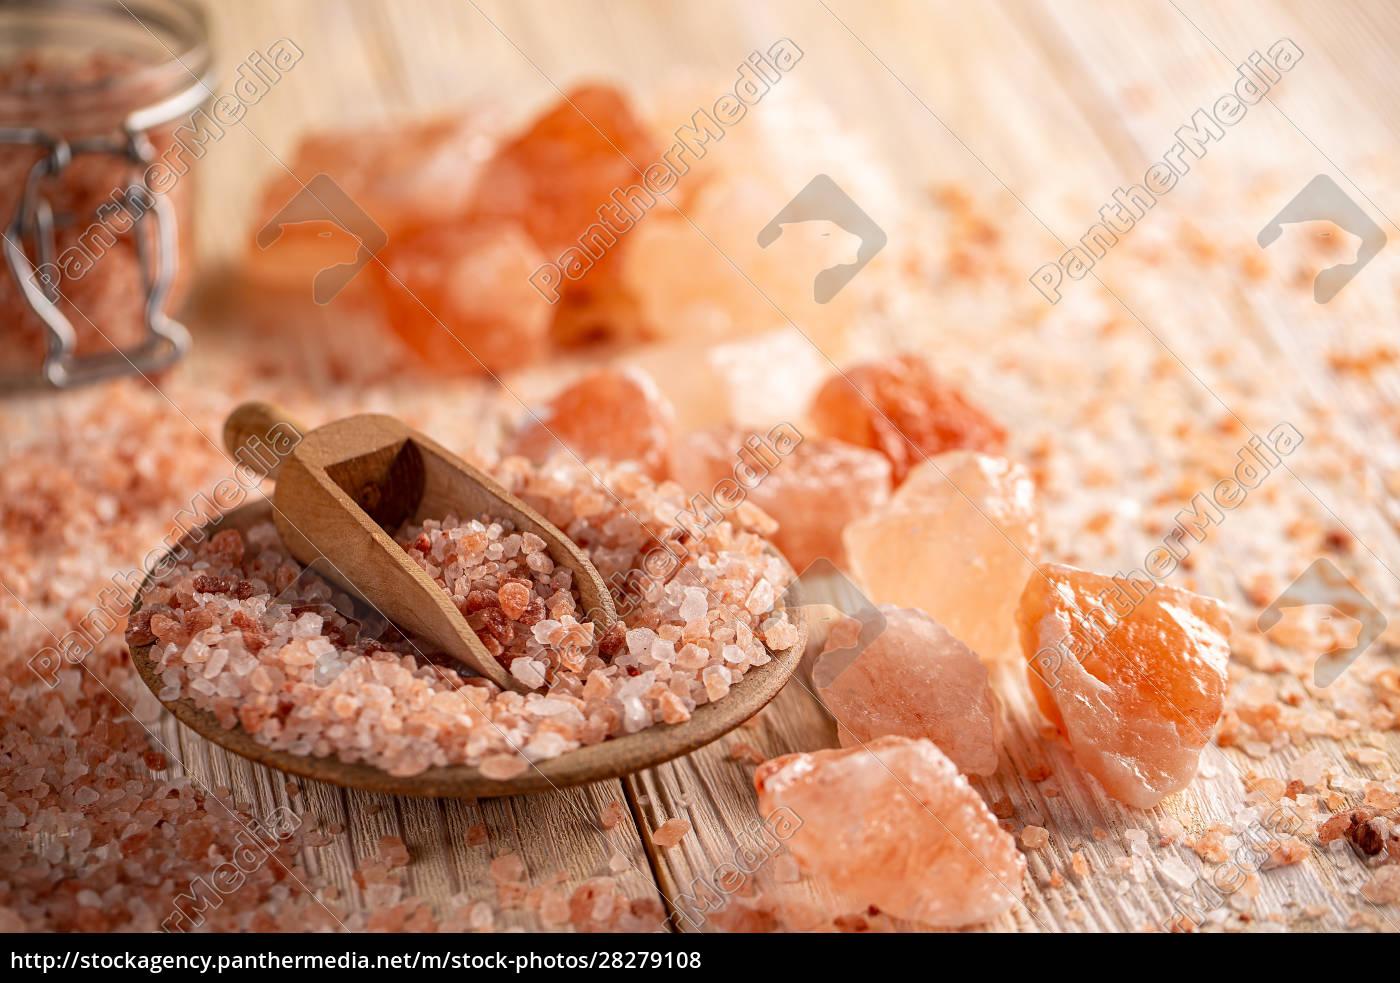 himalayan, pink, rock, salt - 28279108